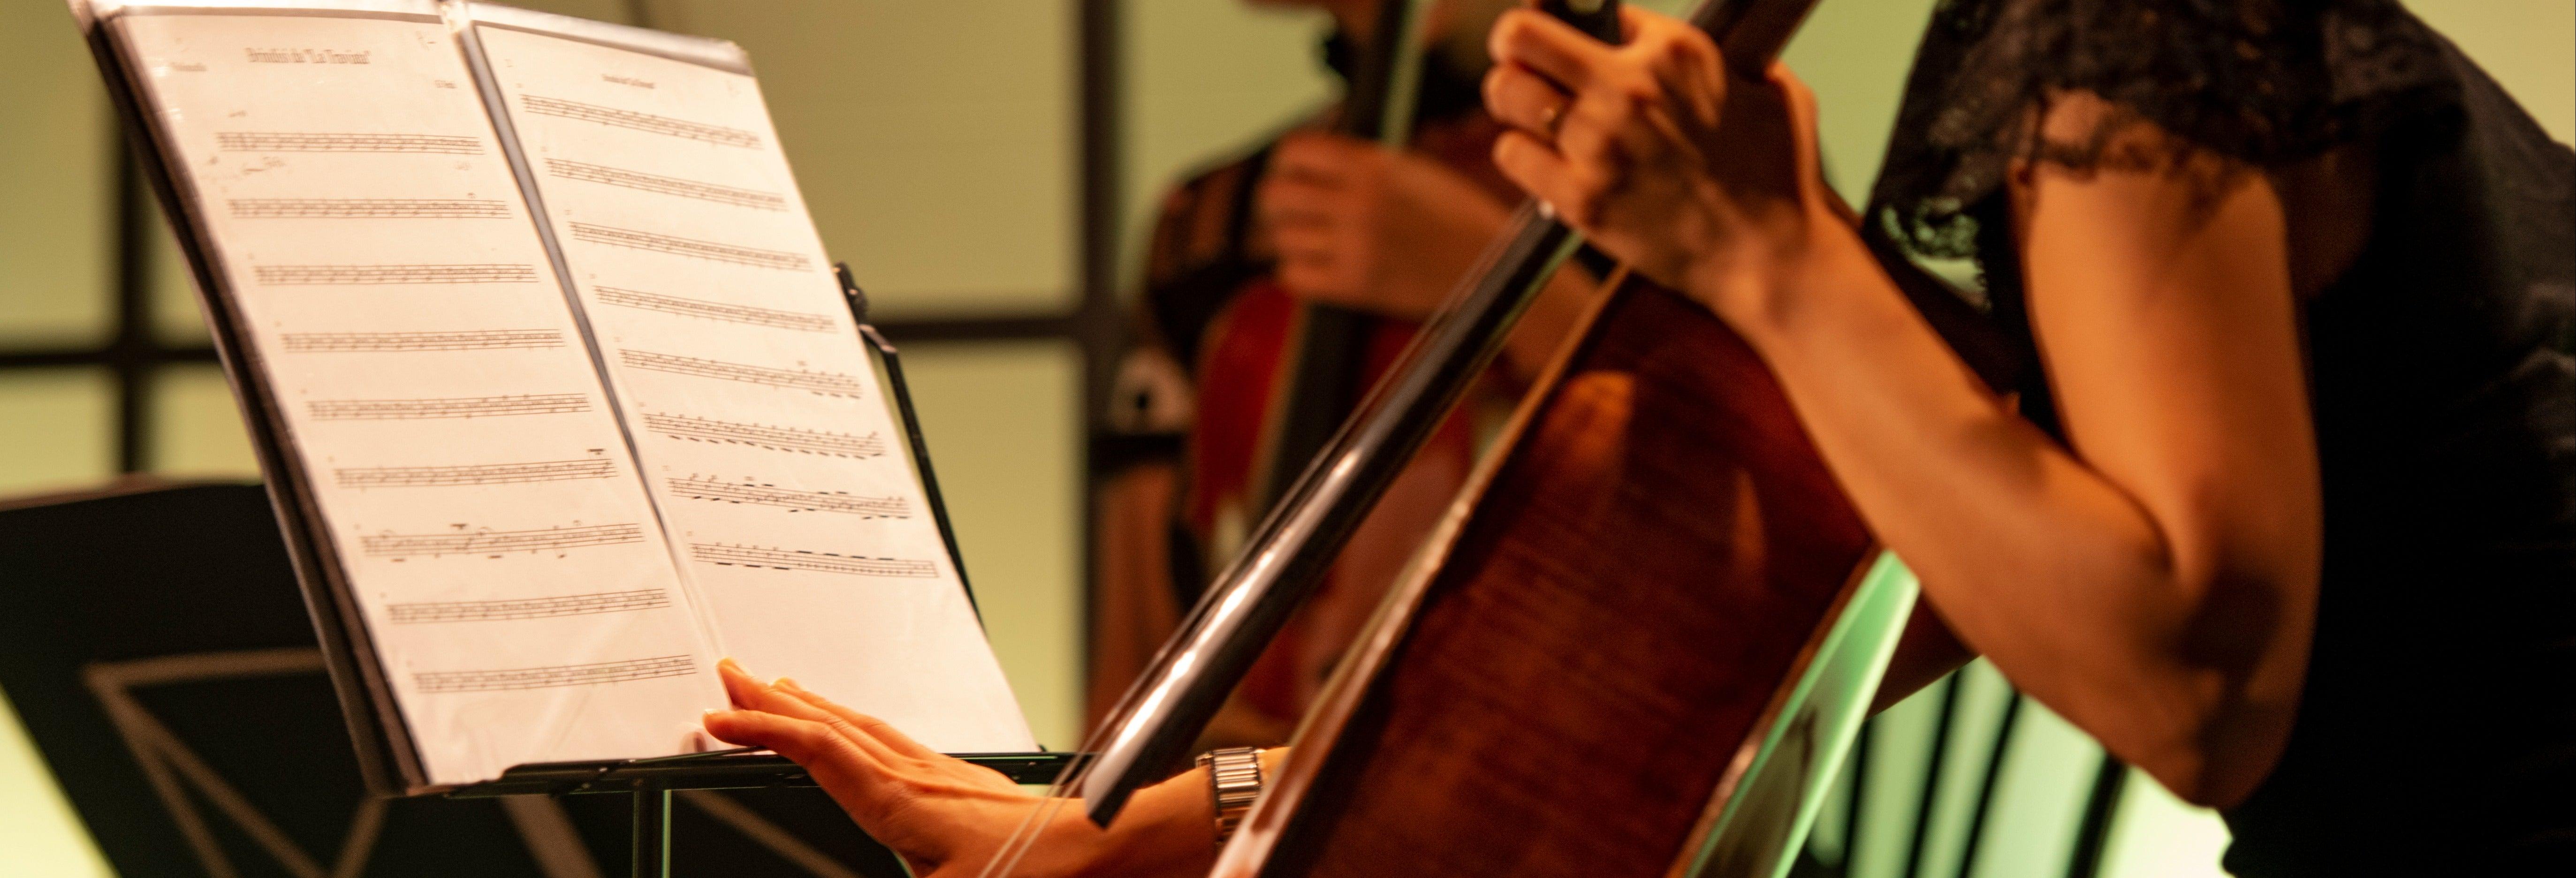 Concerto d'opera lirica al Palazzo Santa Chiara